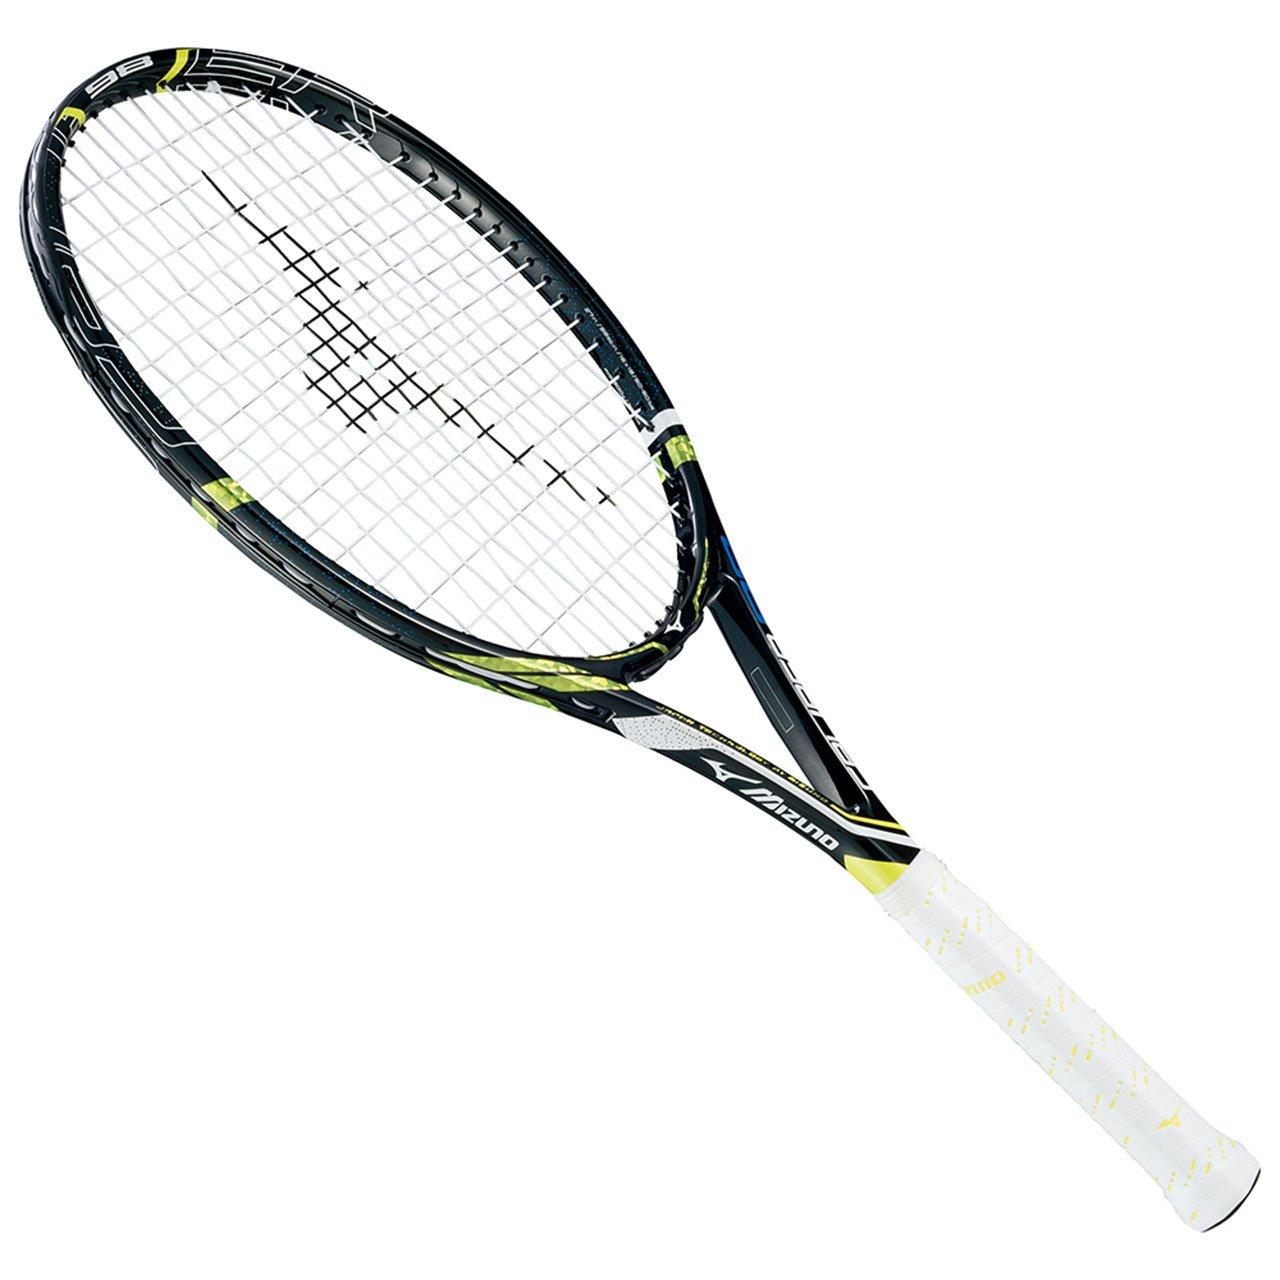 [ミズノ] 硬式テニス ラケット ブラック(09) キャリバー 硬式テニス 98 63JTH53109 ブラック 3 3 ブラック(09) B001J2EUX6, ブランノワール:05663df0 --- cgt-tbc.fr